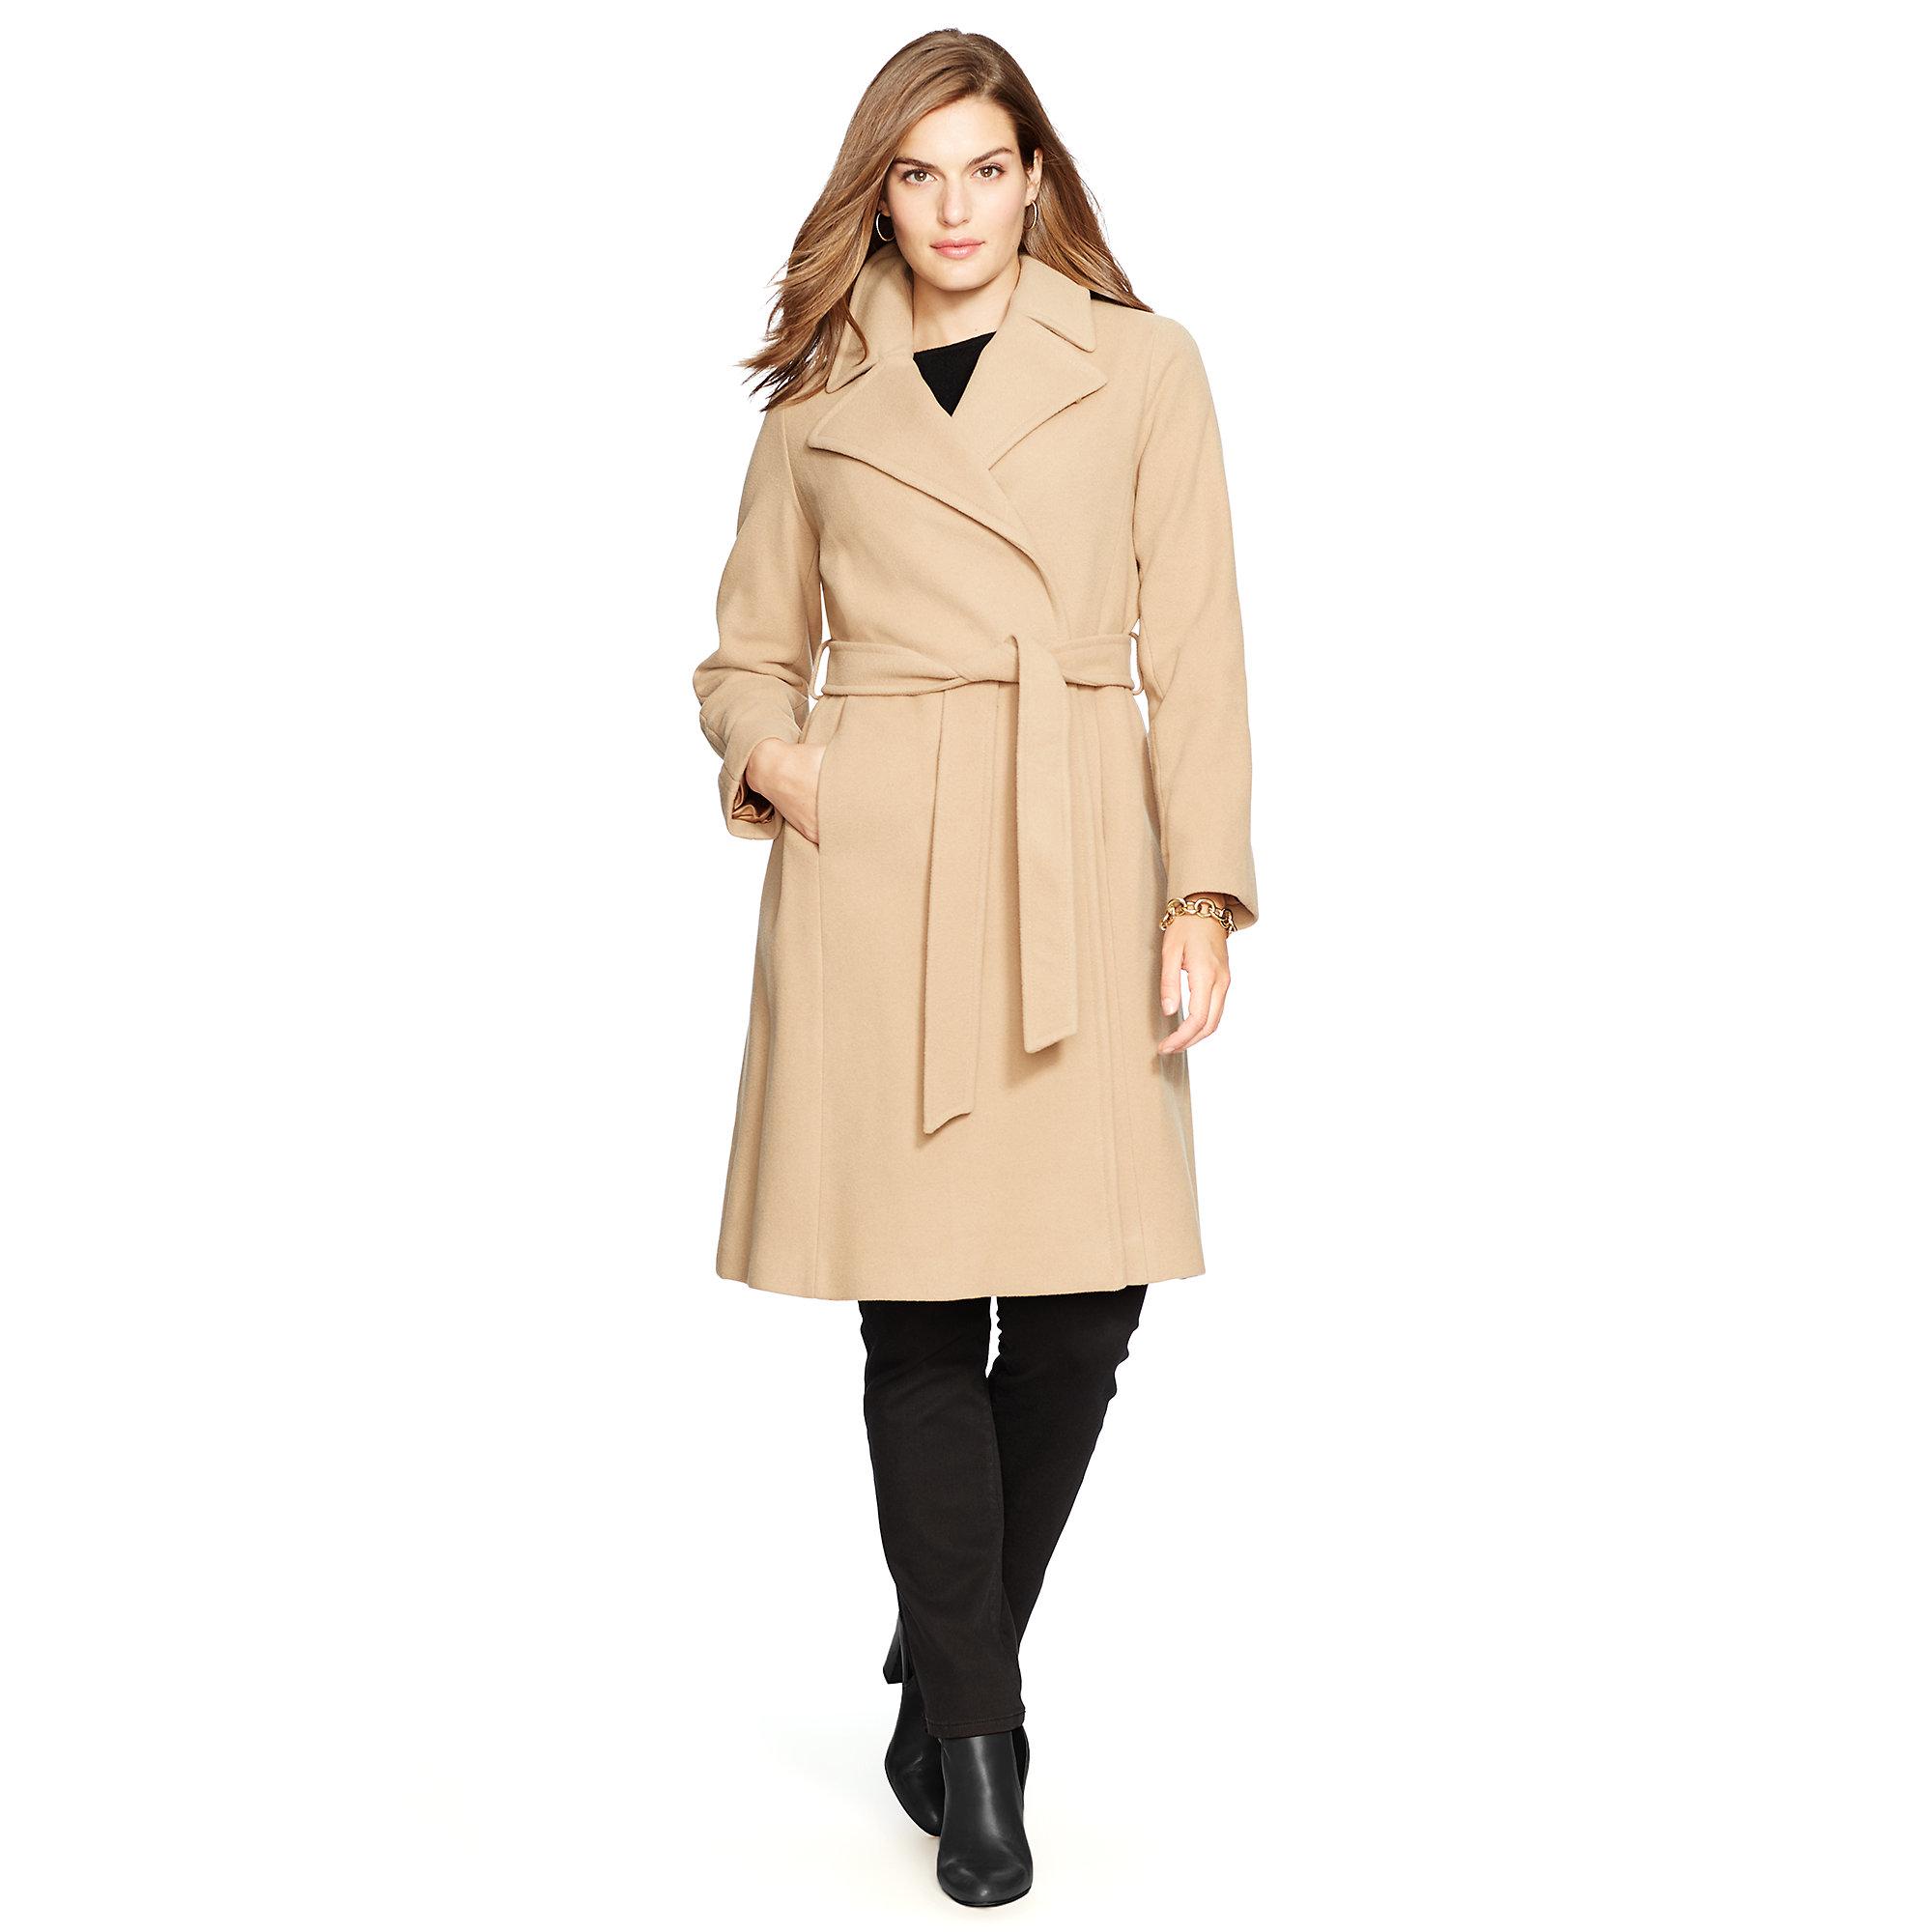 Ralph lauren wool overcoat